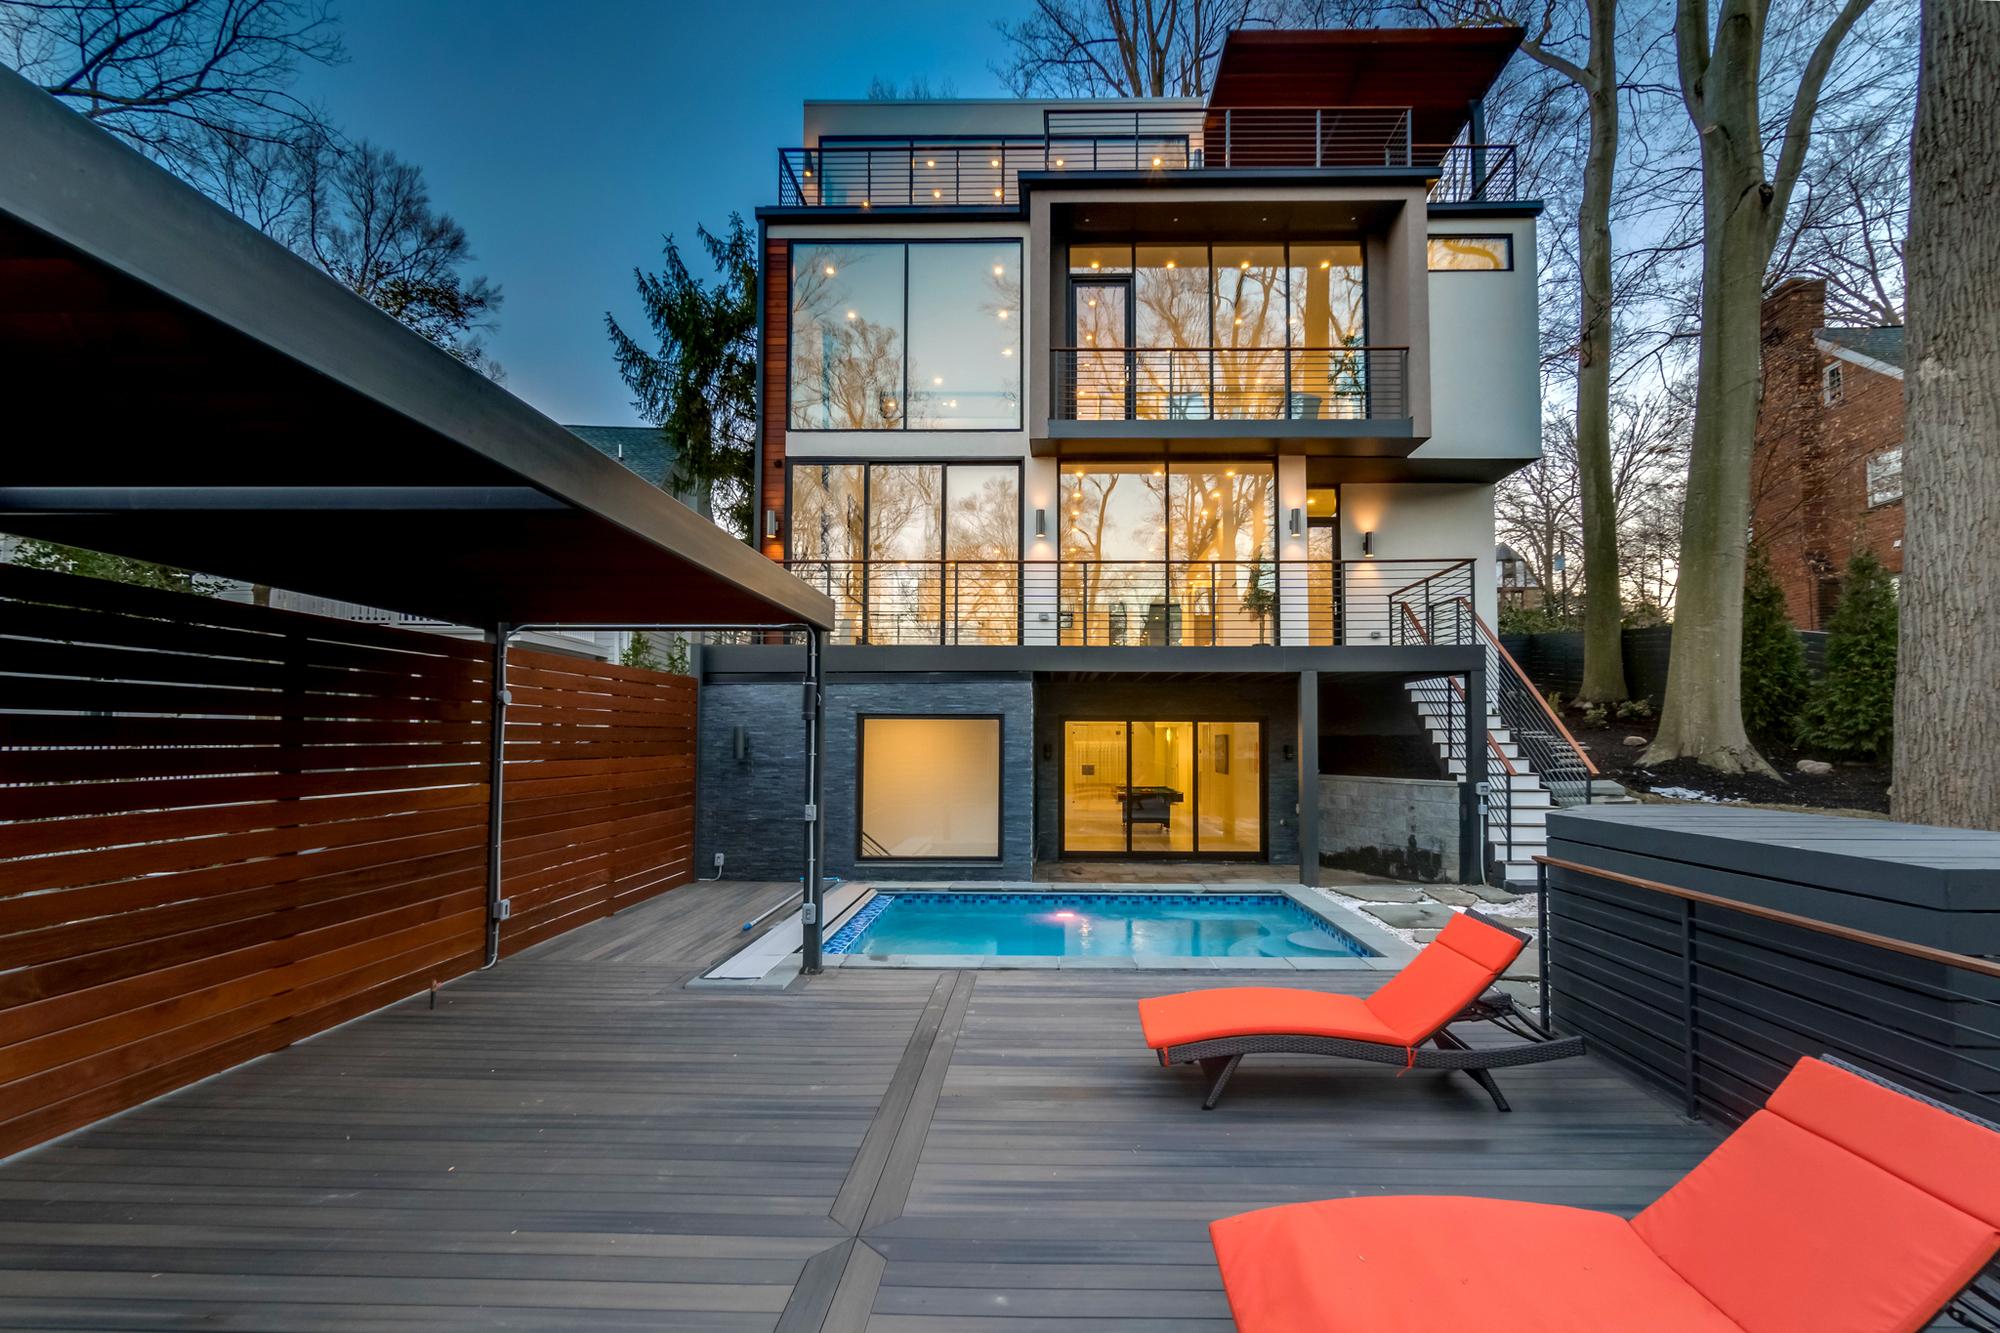 Chesapeake House / KUBE architecture